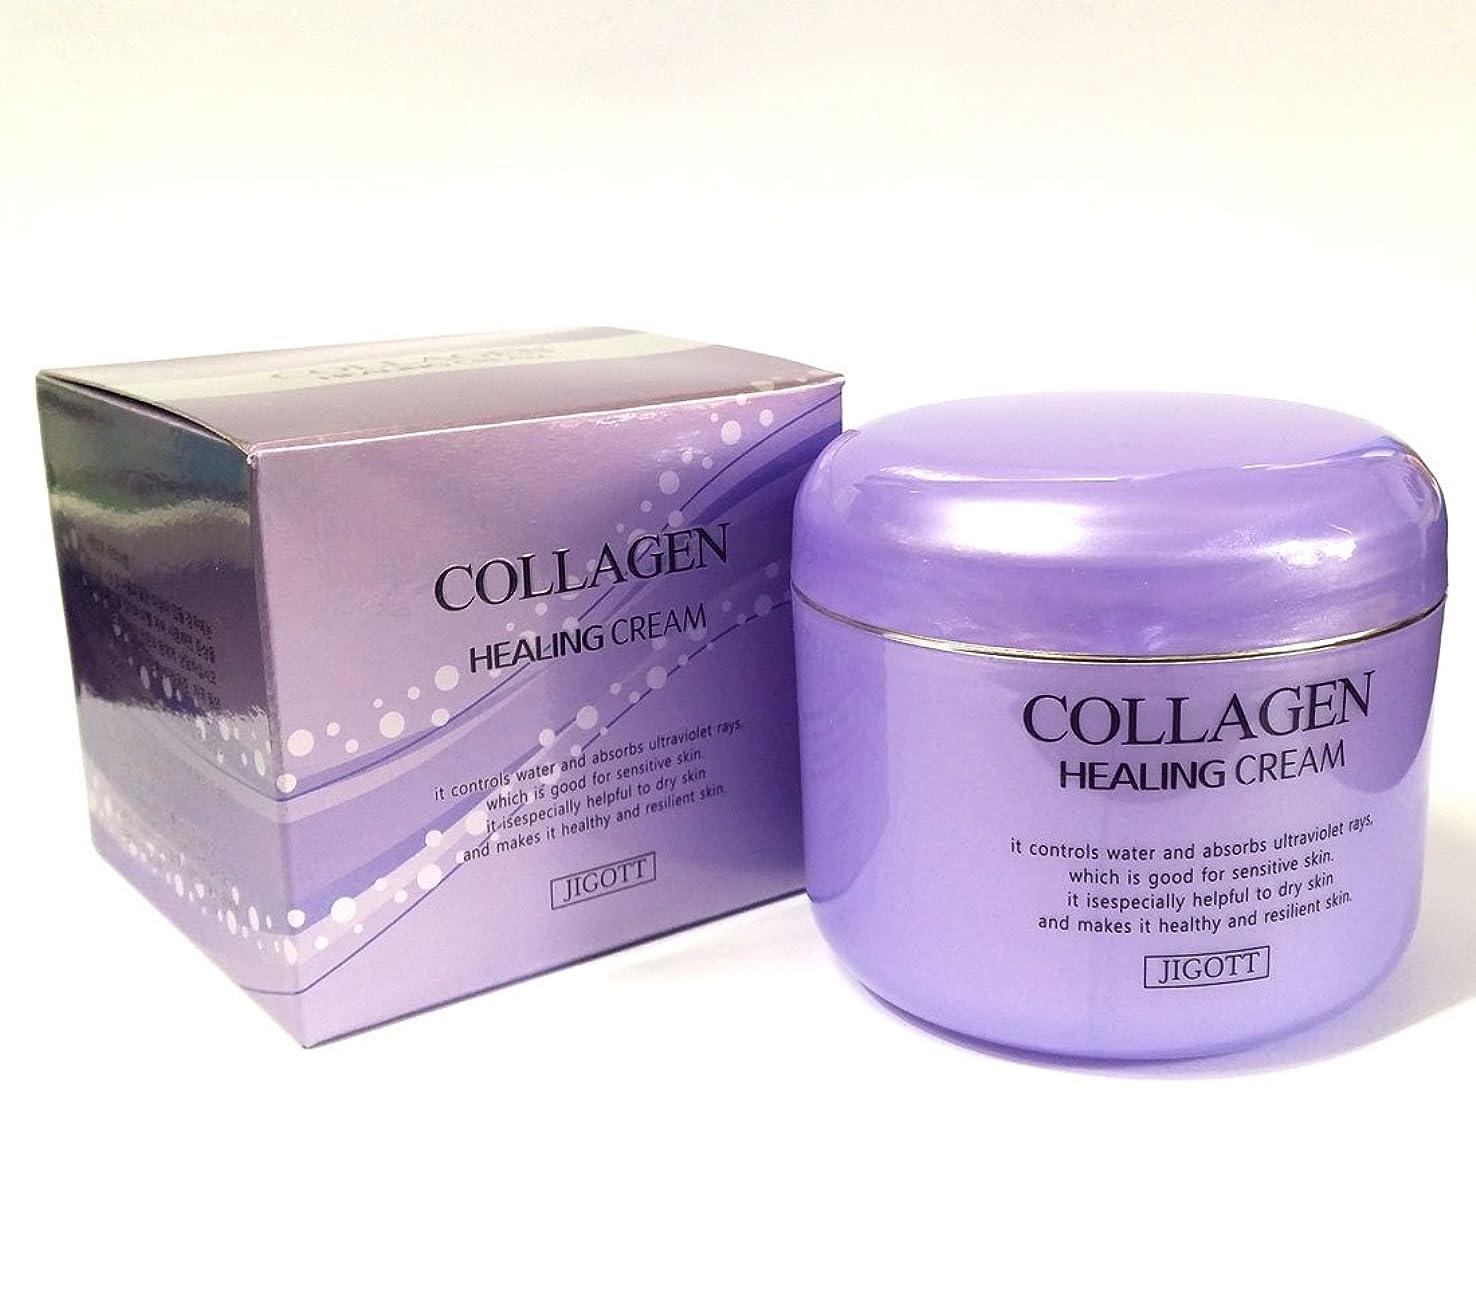 ラグ忙しい本質的ではない[JIGOTT] コラーゲンヒーリングクリーム100g/Collagen Healing Cream 100g/保湿、栄養/韓国化粧品/moisturizing,nourishing/Korean Cosmetics (2EA) [並行輸入品]